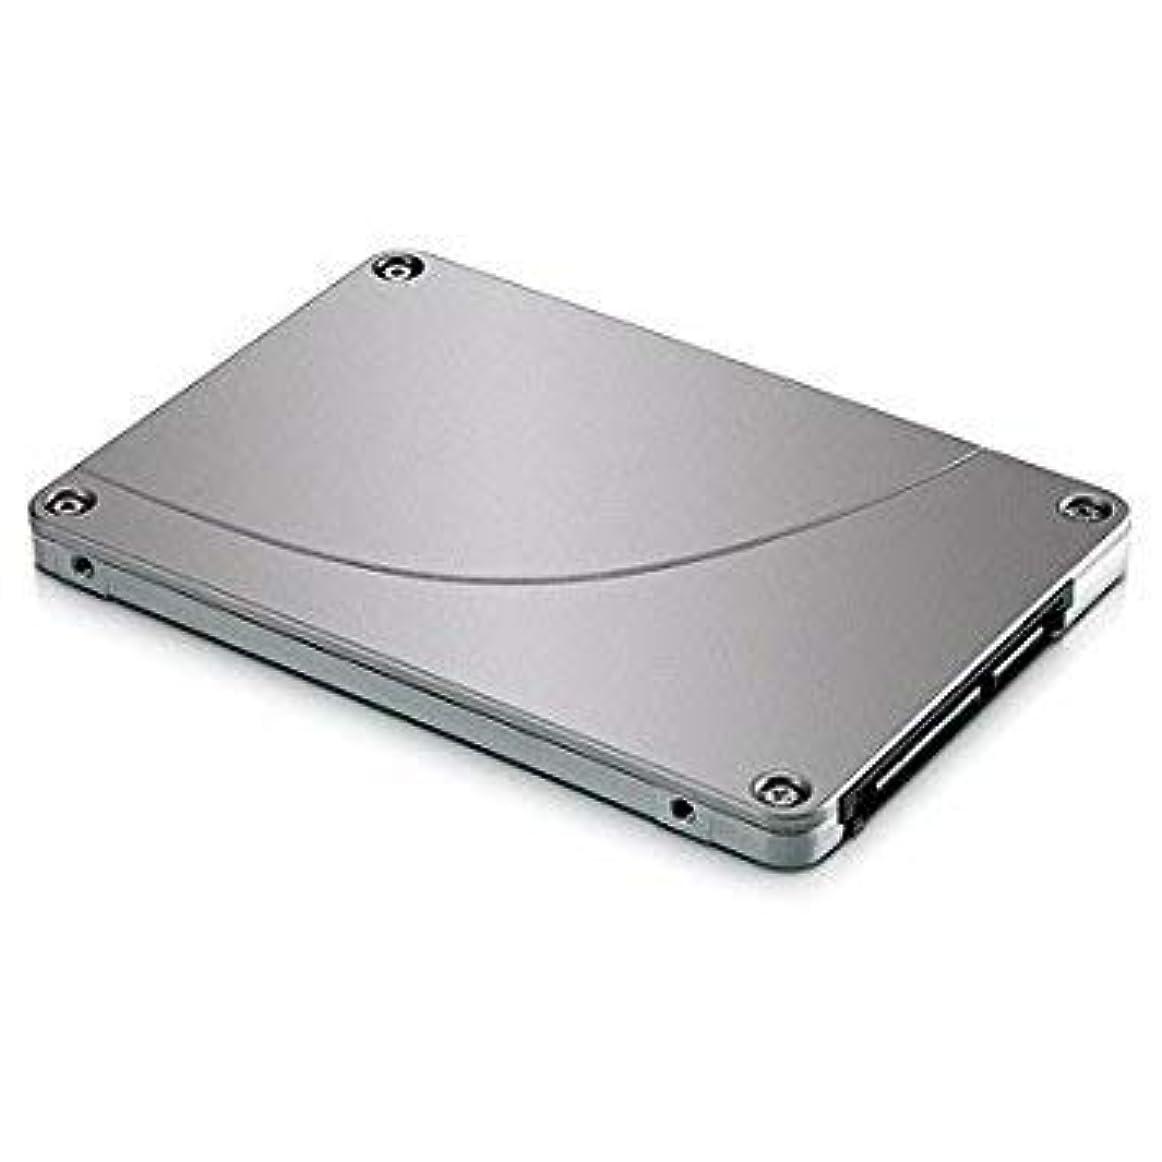 クレア作成者飛行場HP 731194-001 - HP 256GB SSD SATA 6G 2.5 (更新済み)。